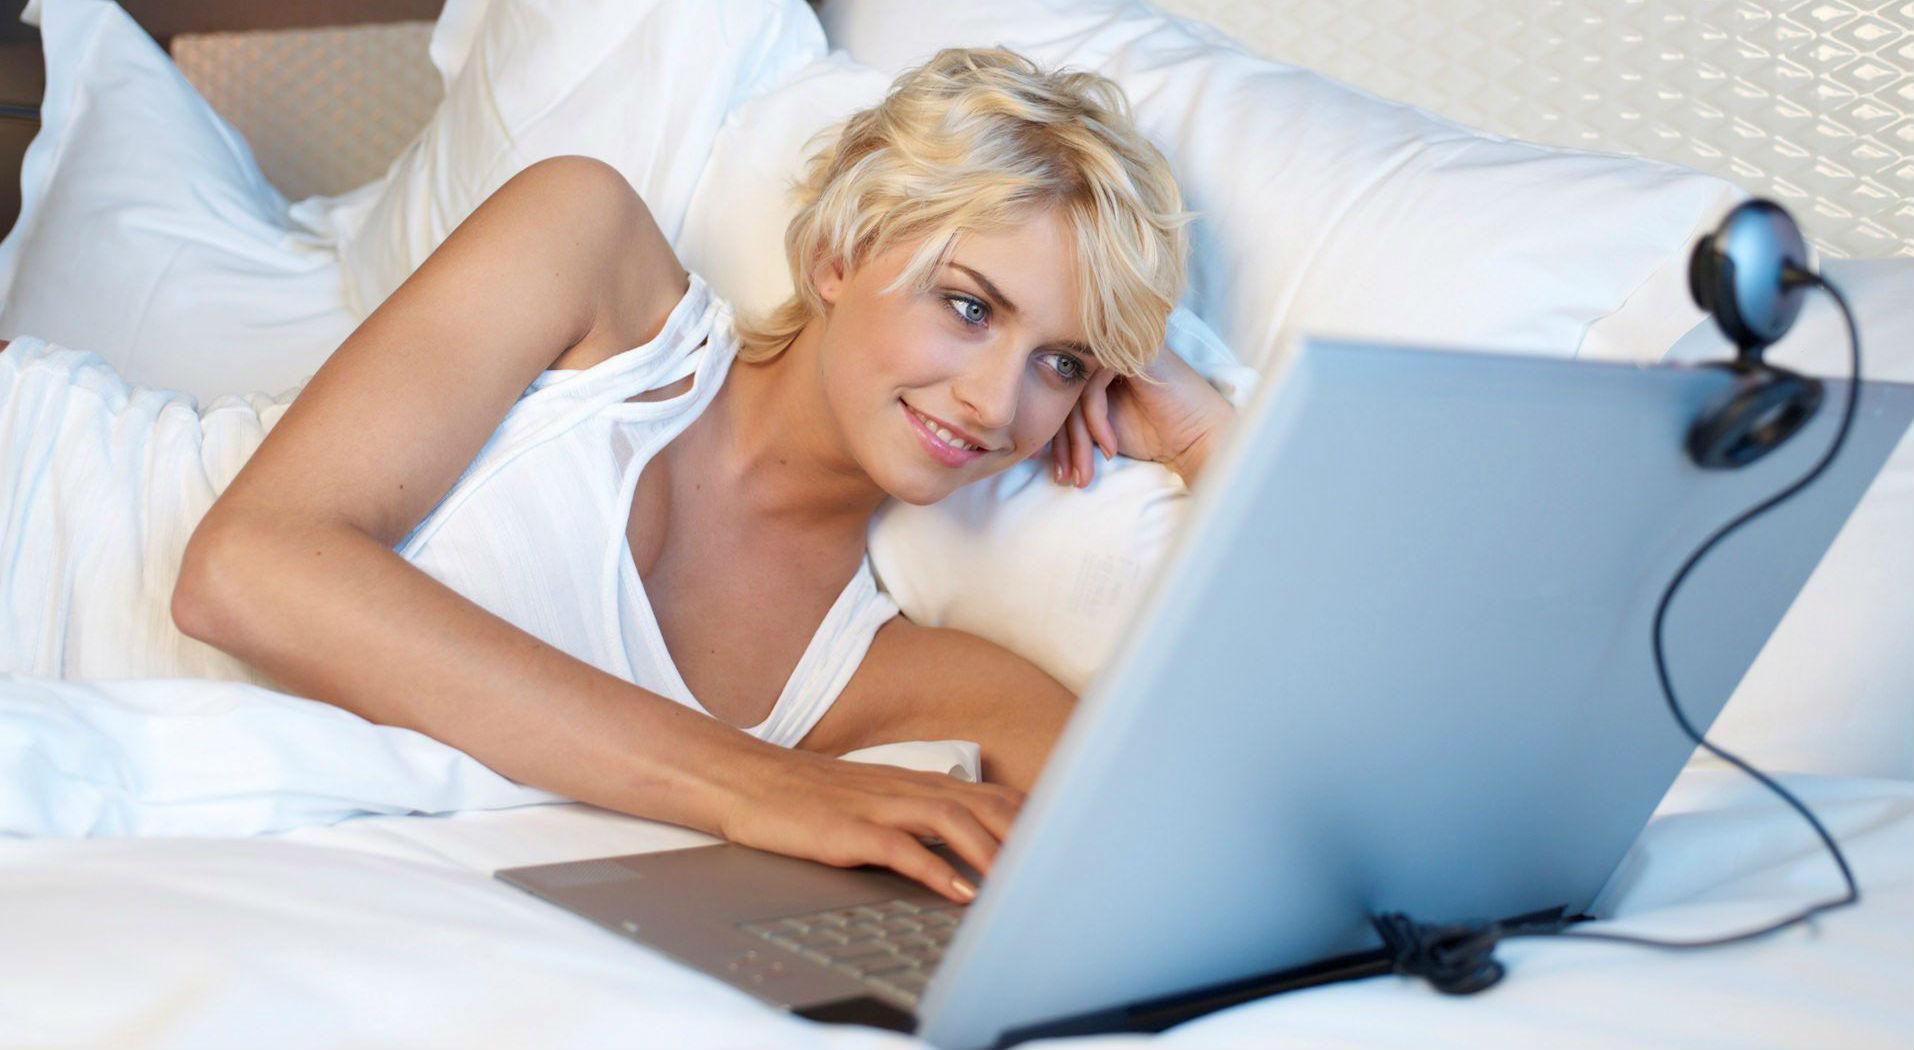 Работа для студентов в интернете Совмещай с учебой! Workle